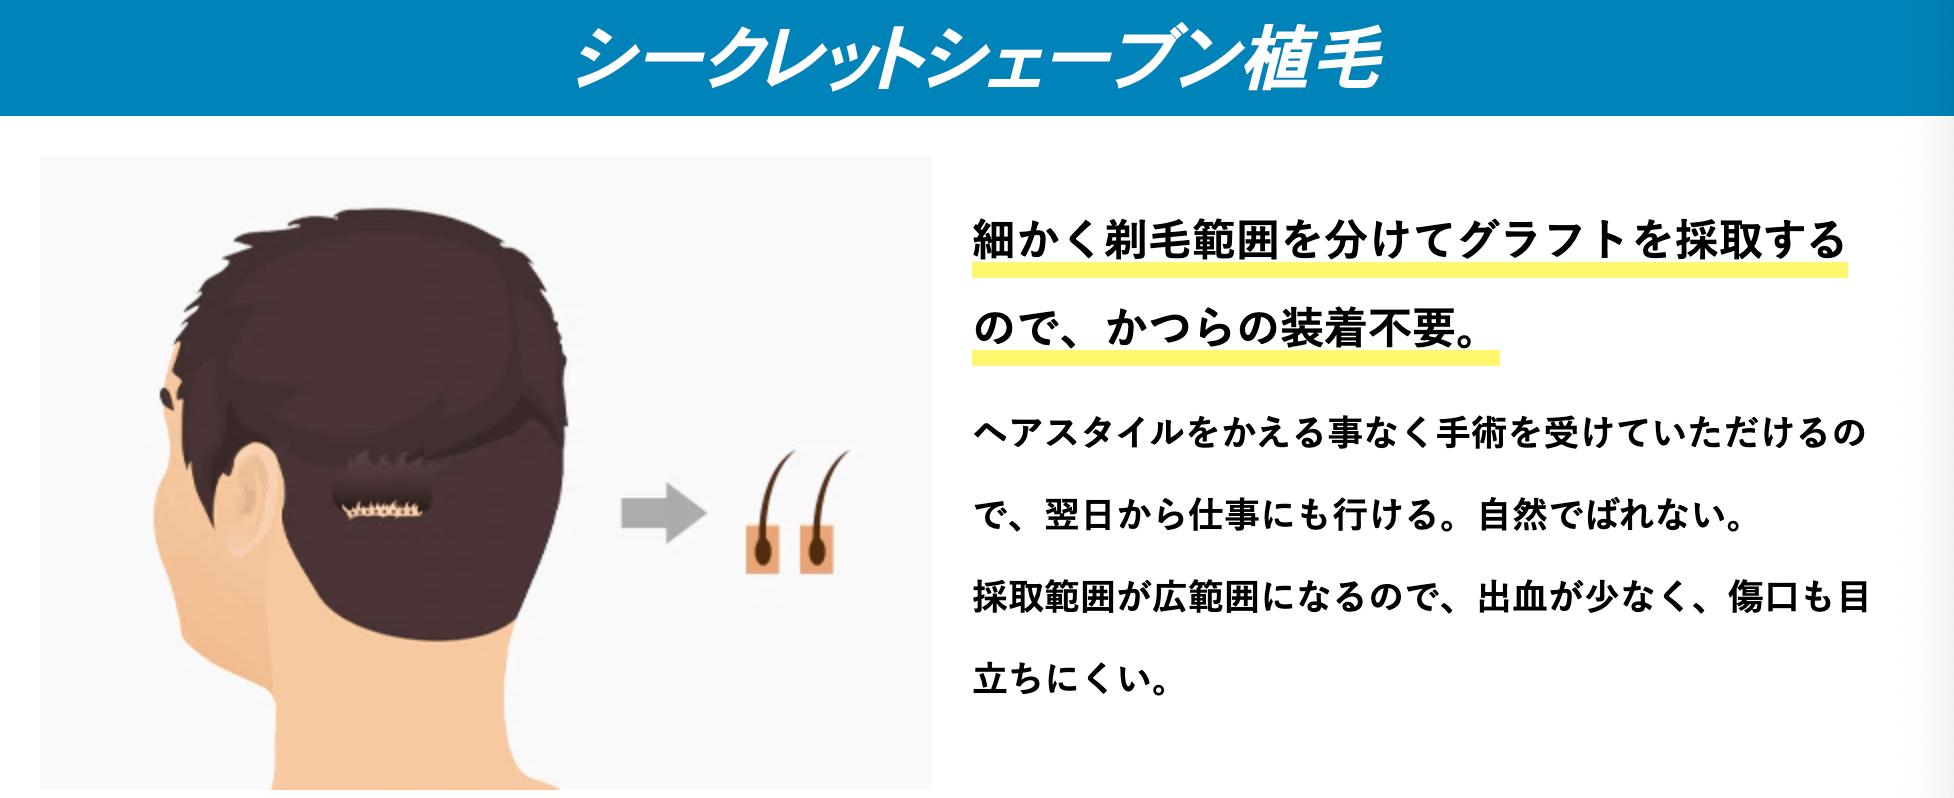 シークレットシェーブン植毛のイメージ